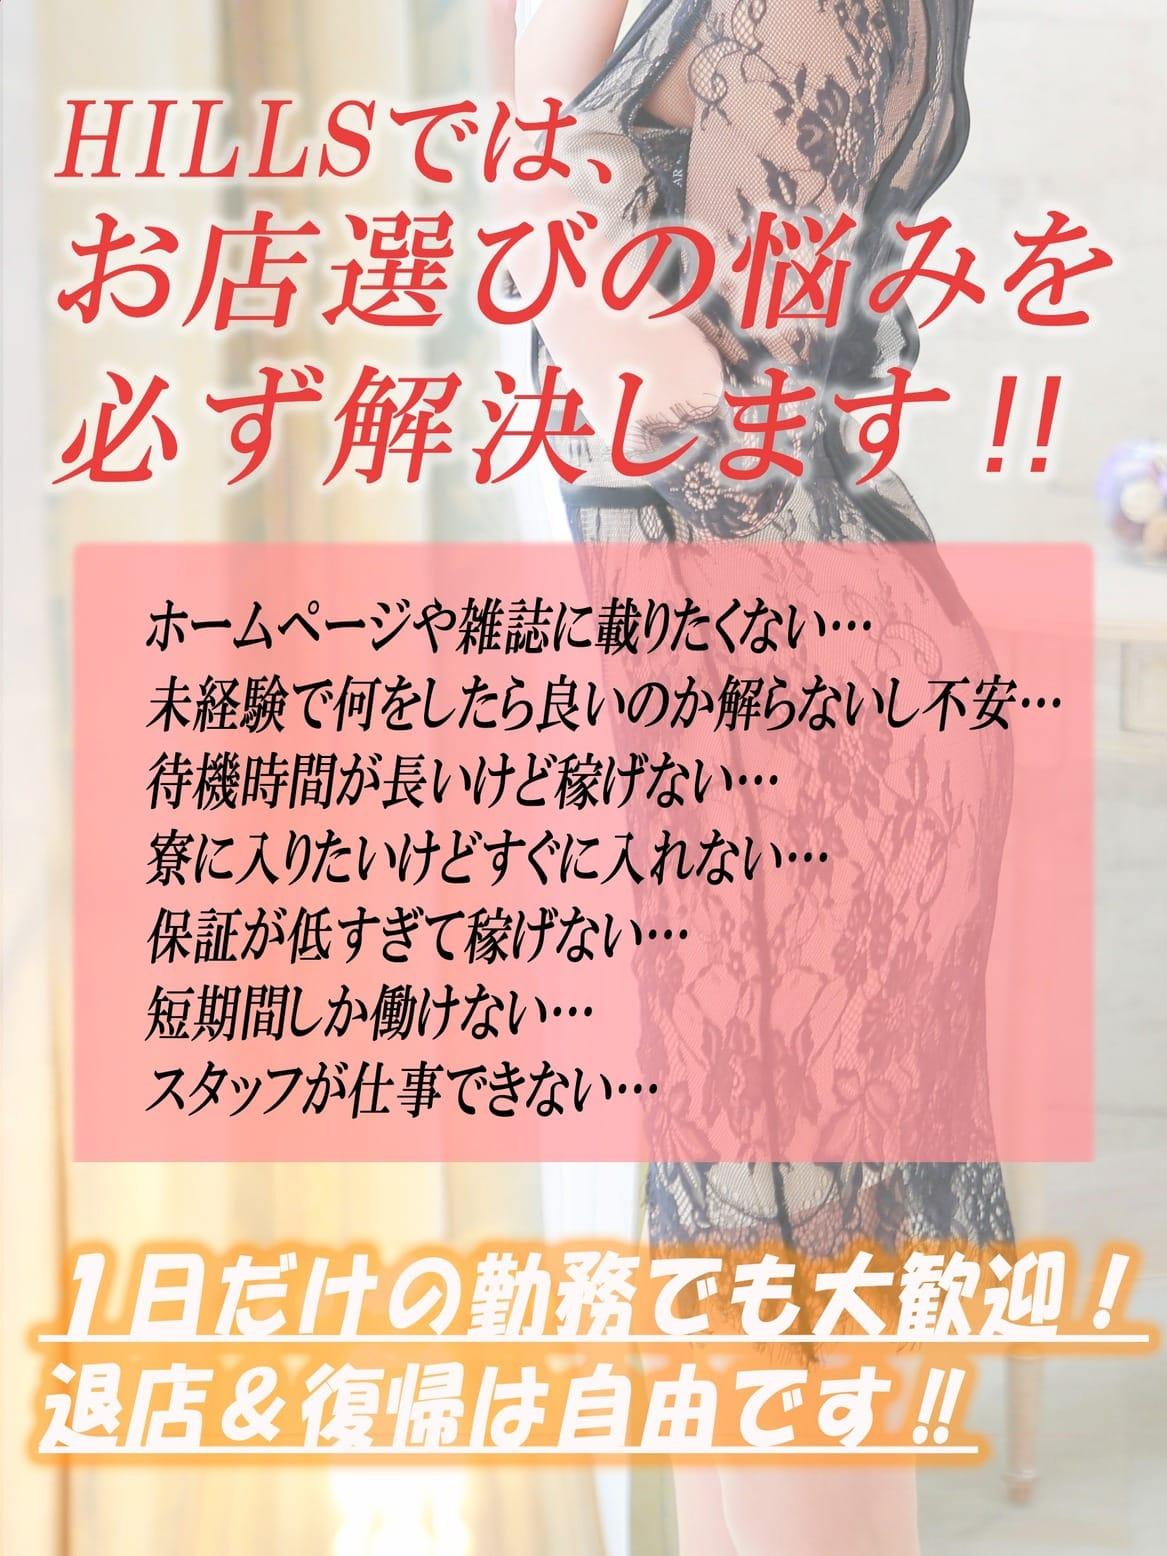 スタッフ一同本気です♪嘘偽りのない熊本NO1バック|Hills Kumamoto ヒルズ熊本の求人ブログ